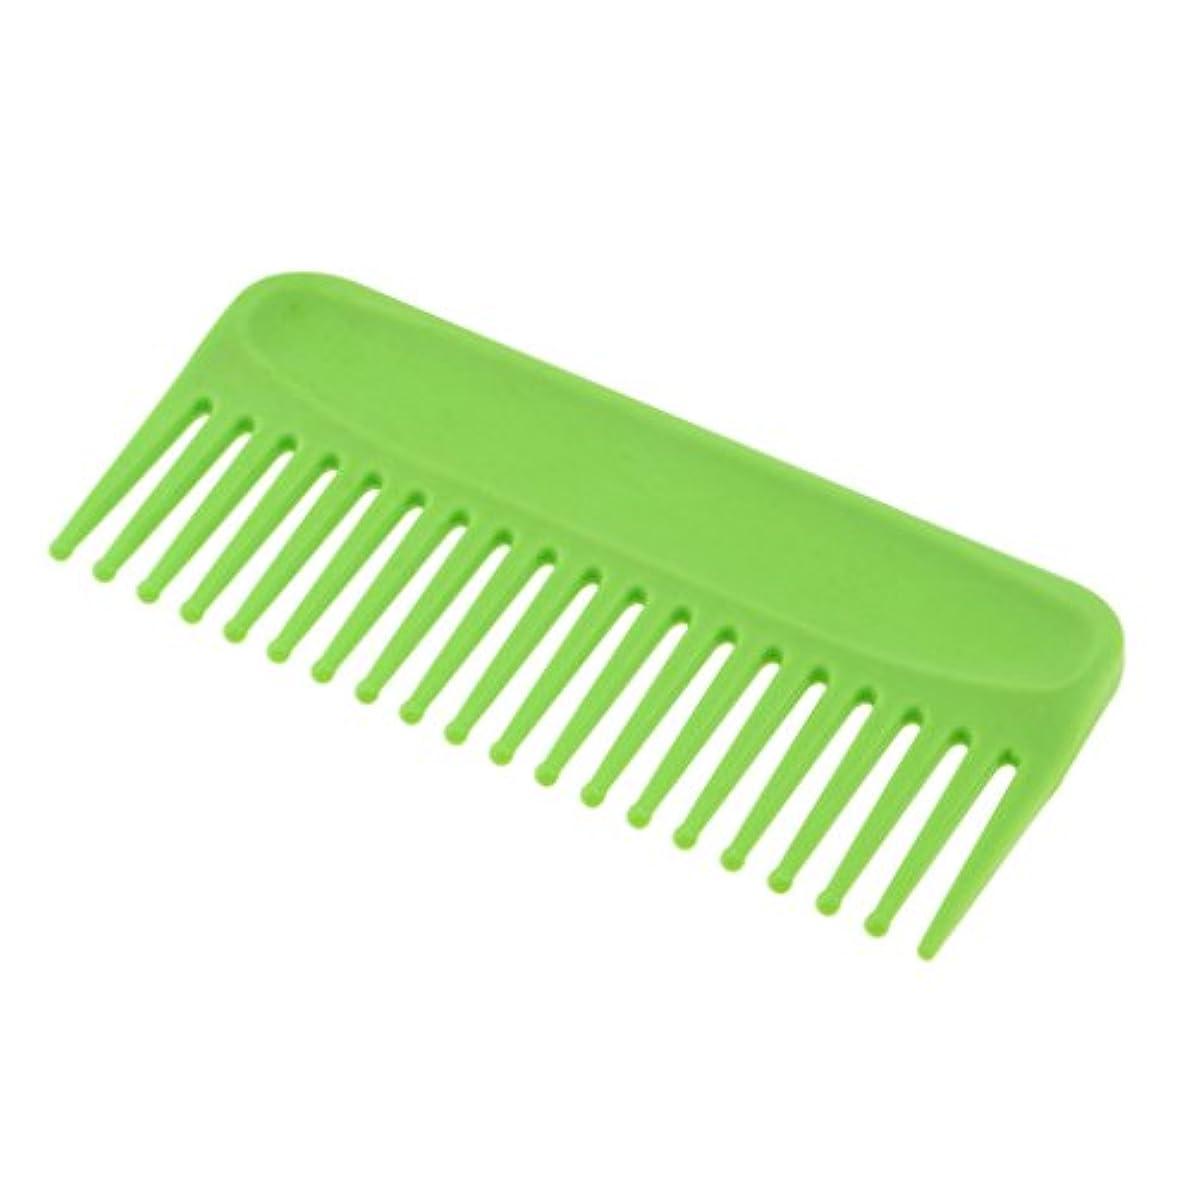 汚い折る感覚ヘアコーム コーム くし 頭皮 マッサージ 耐熱性 帯電防止 プラスチック性 ヘアスタイリング 4色選べる - 緑